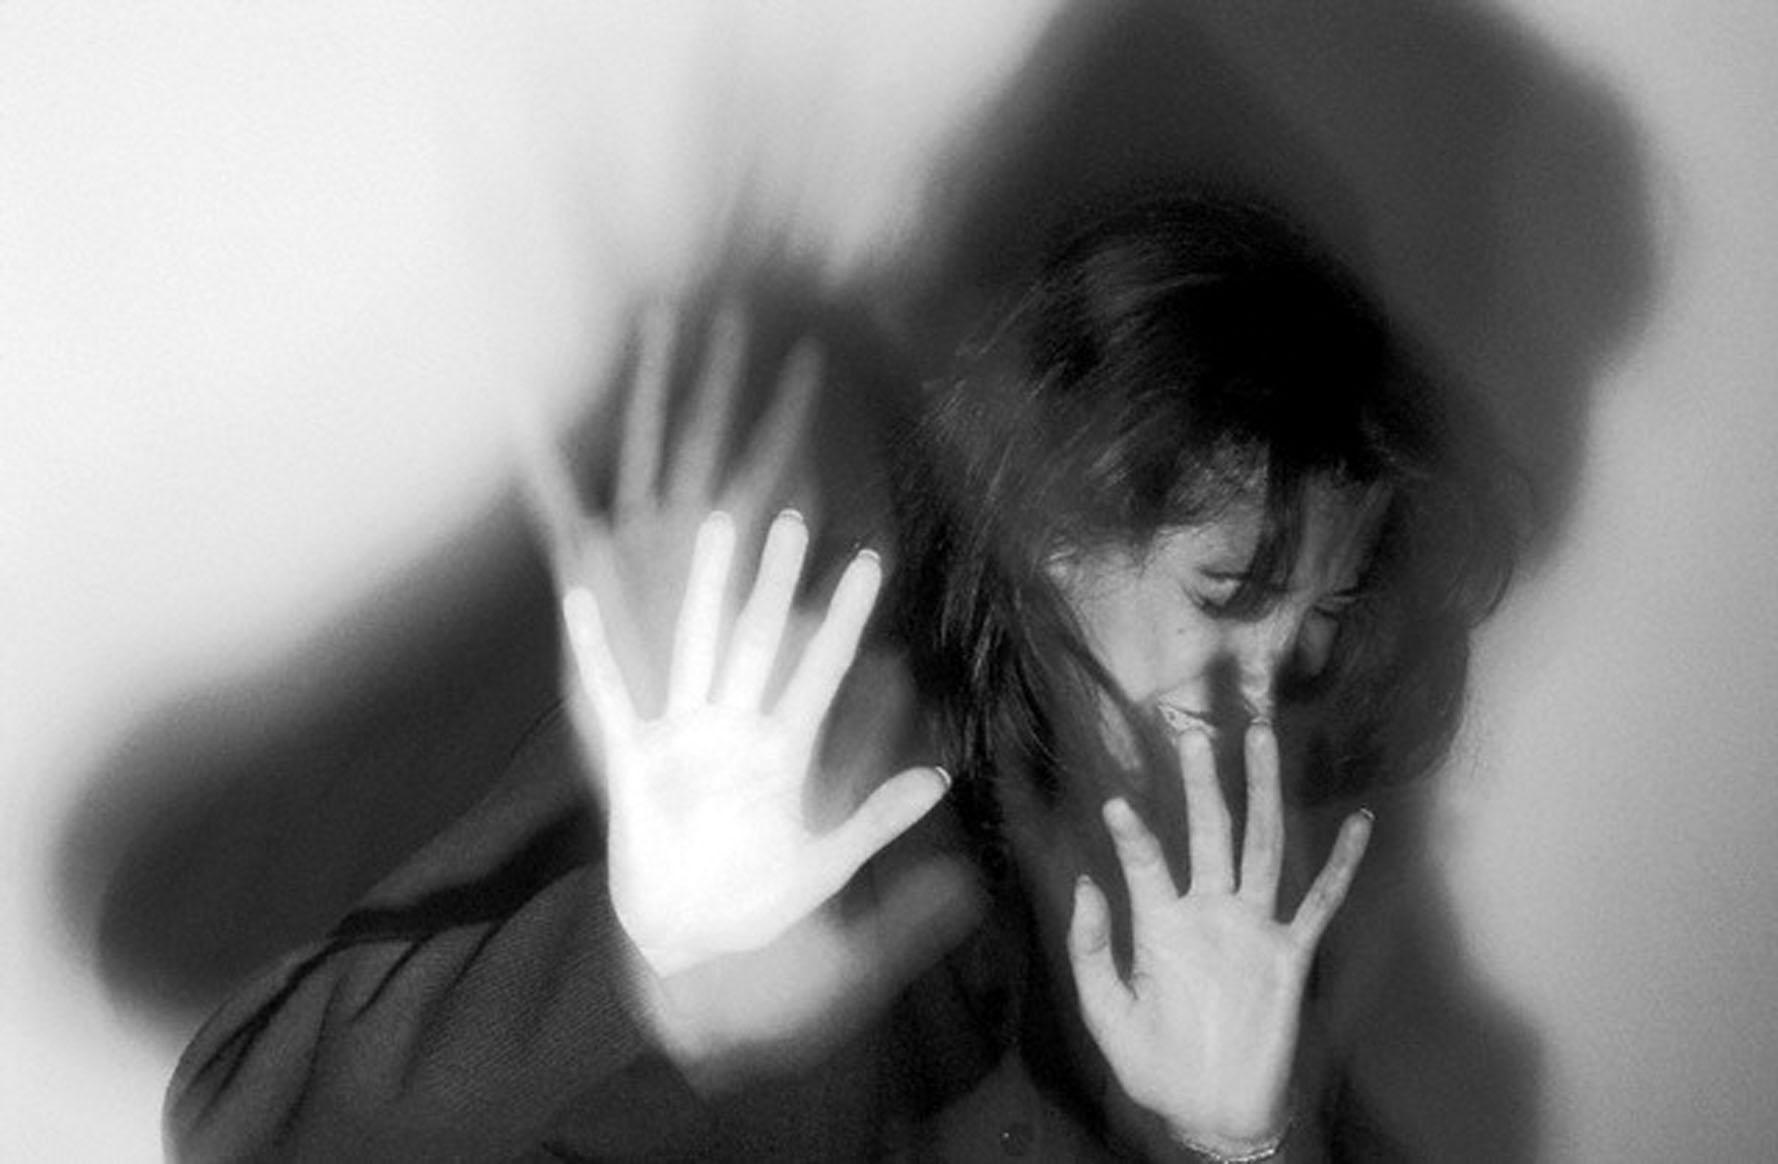 После изнасилования женщины злоумышленник взял ее детей в заложники